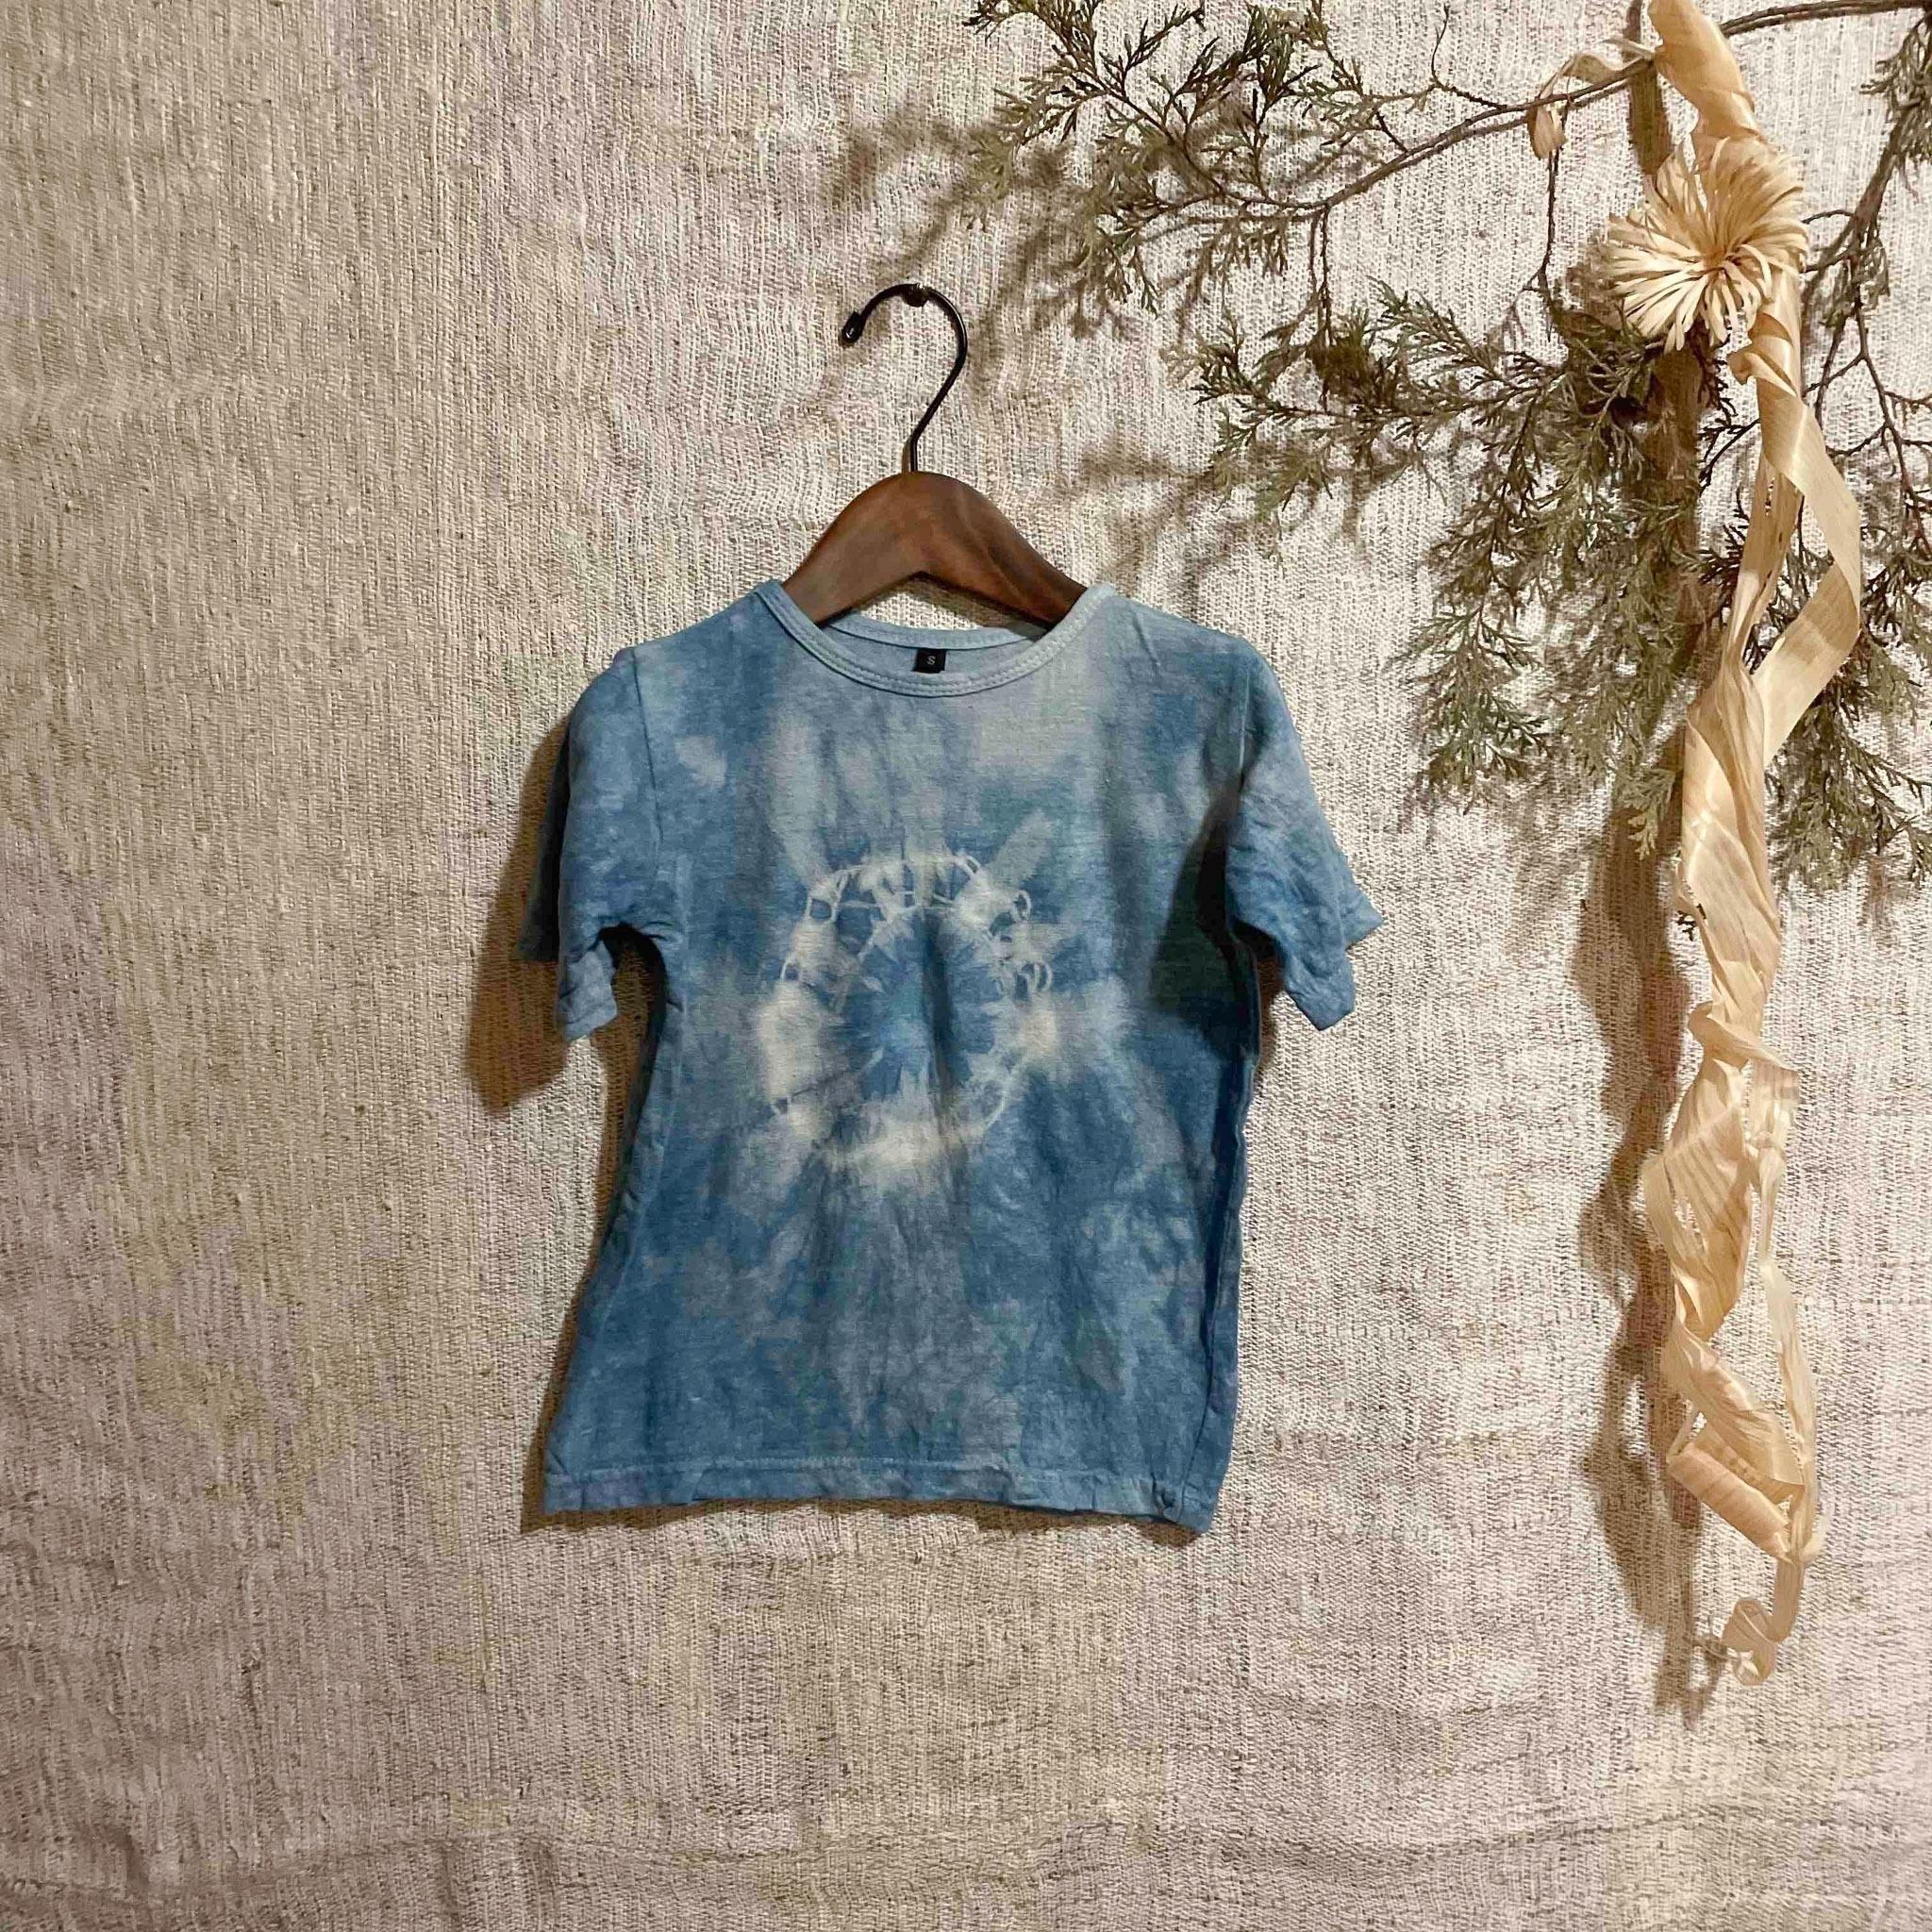 【天然素材・草木染め】キッズTシャツ ヘンプコットン 藍染Sサイズ